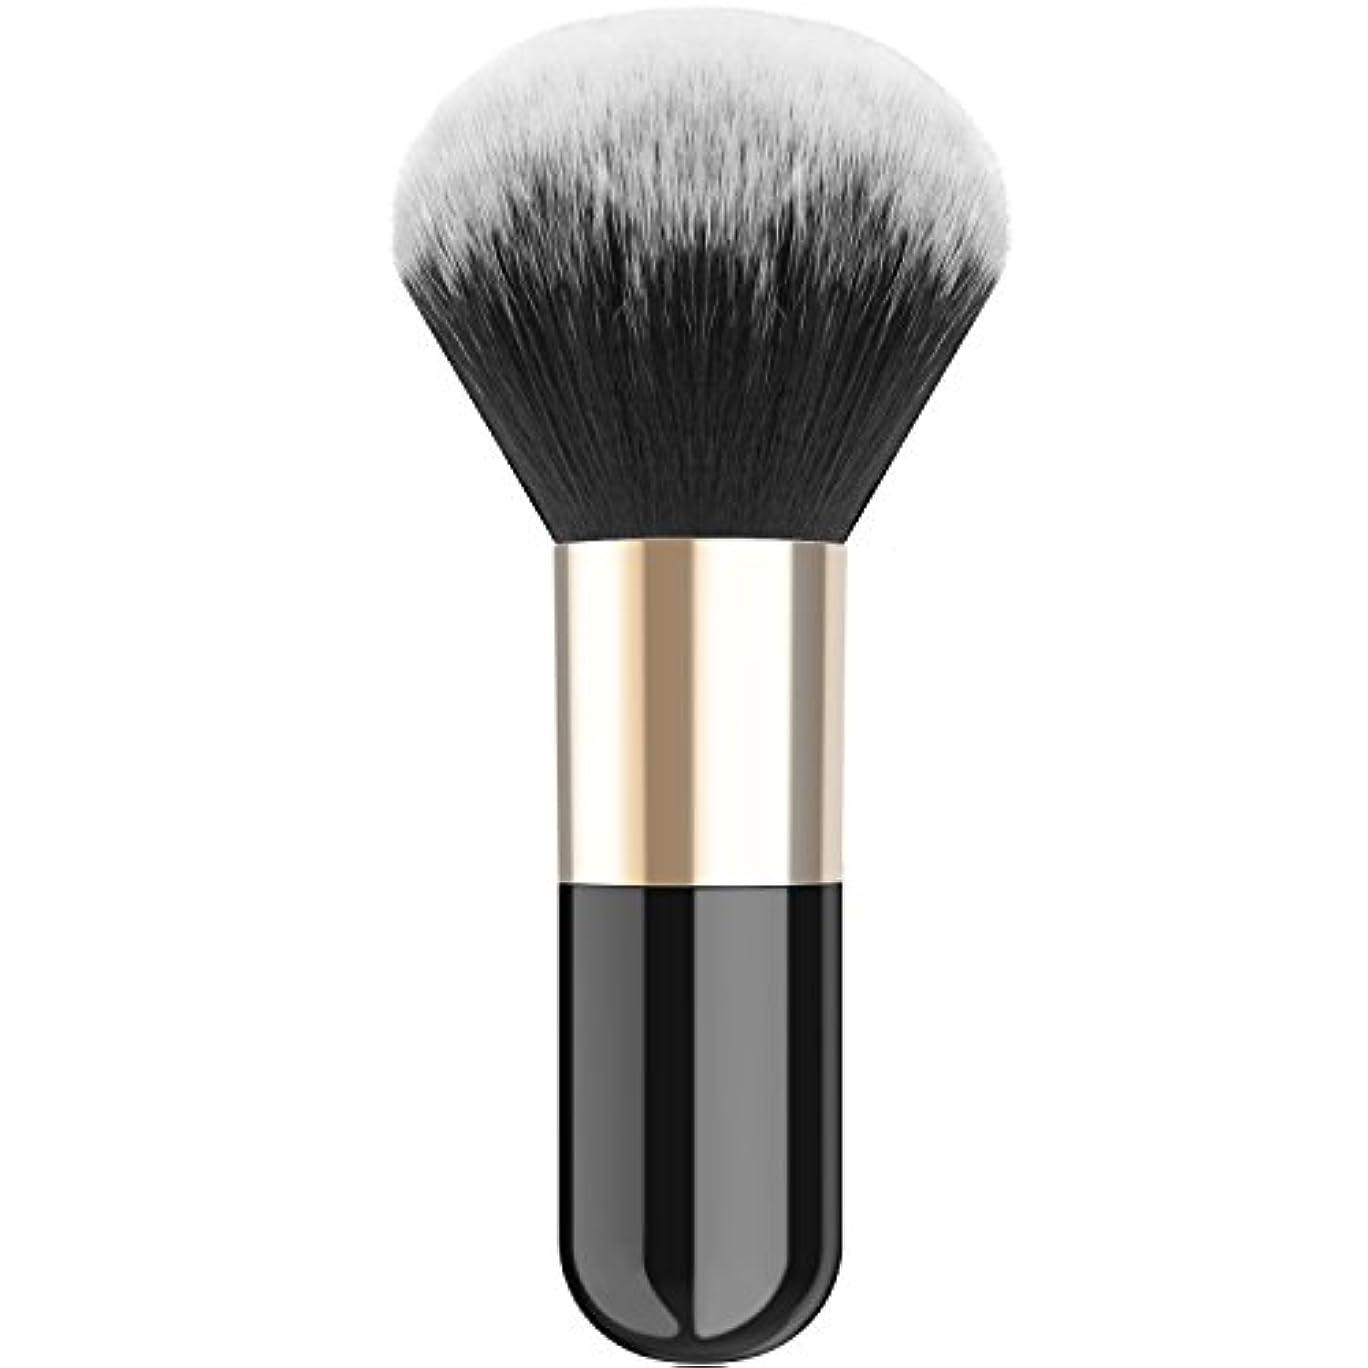 バタフライ疑い問い合わせるファンデーションブラシ - Luxspire メイクブラシ 化粧筆 コスメブラシ 繊細な人工毛 毛質やわらかい 肌に優しい - Black